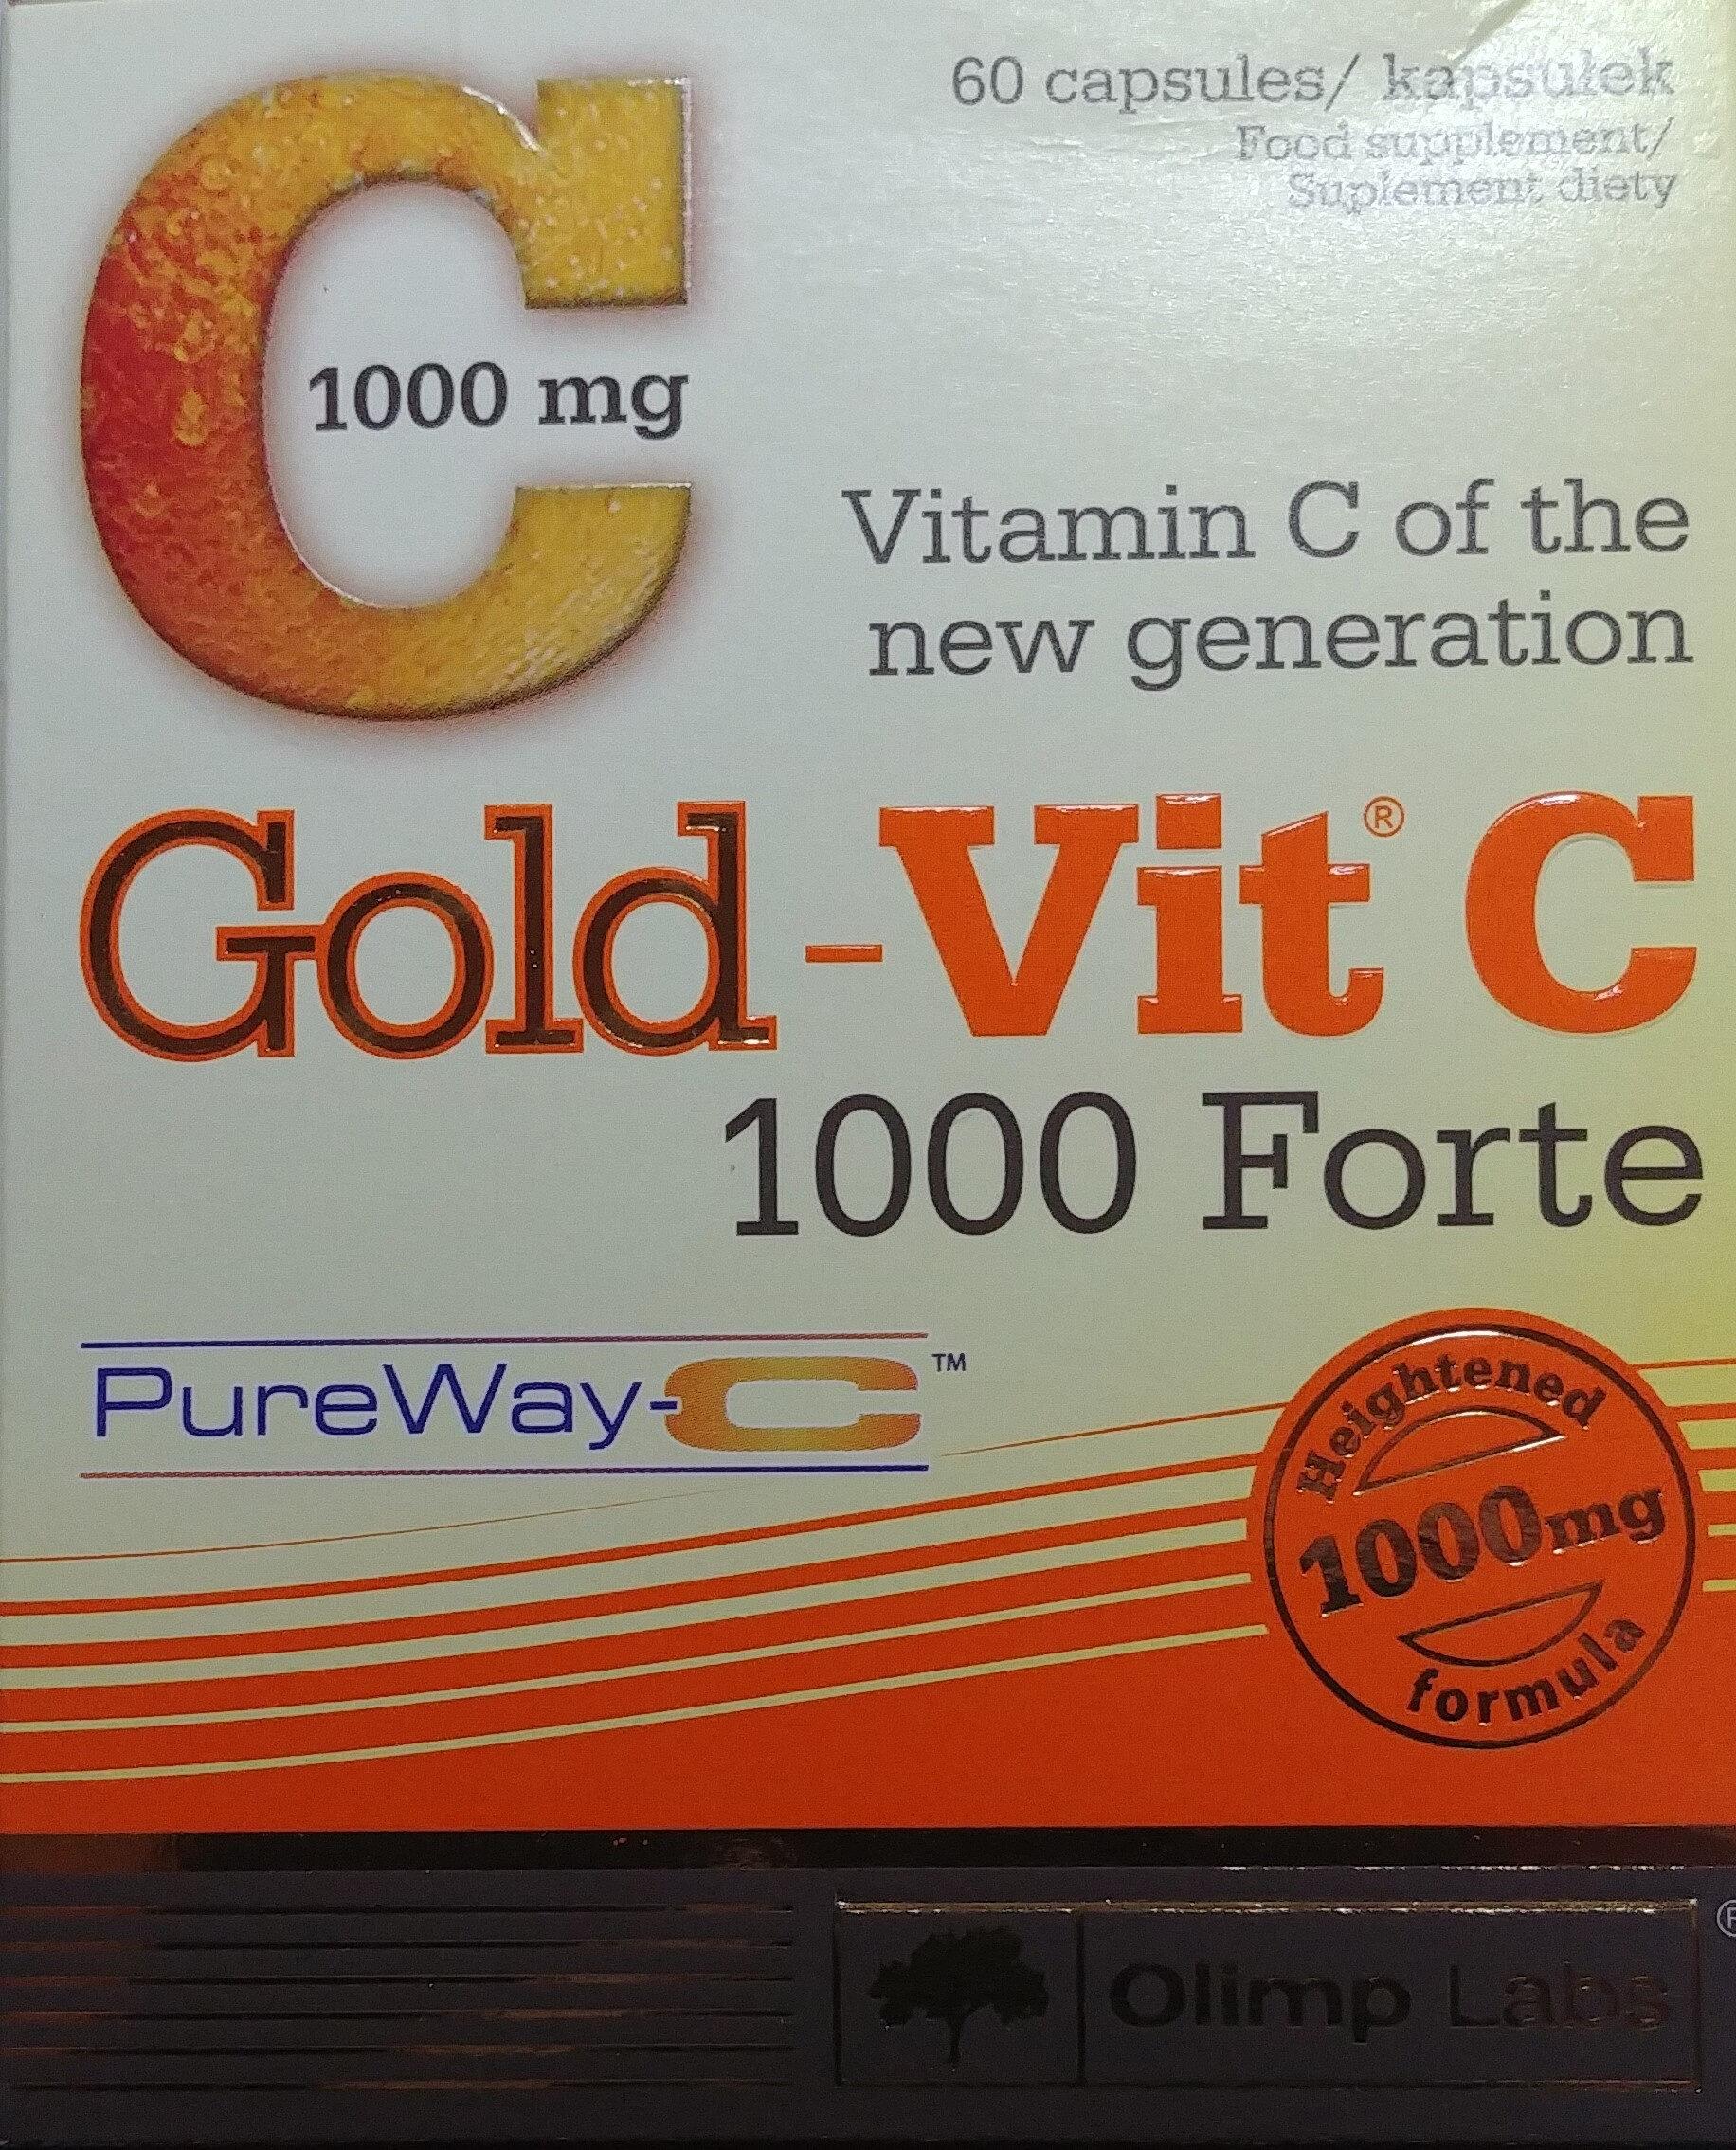 Gold-Vit C, 1000 Forte - Produkt - pl